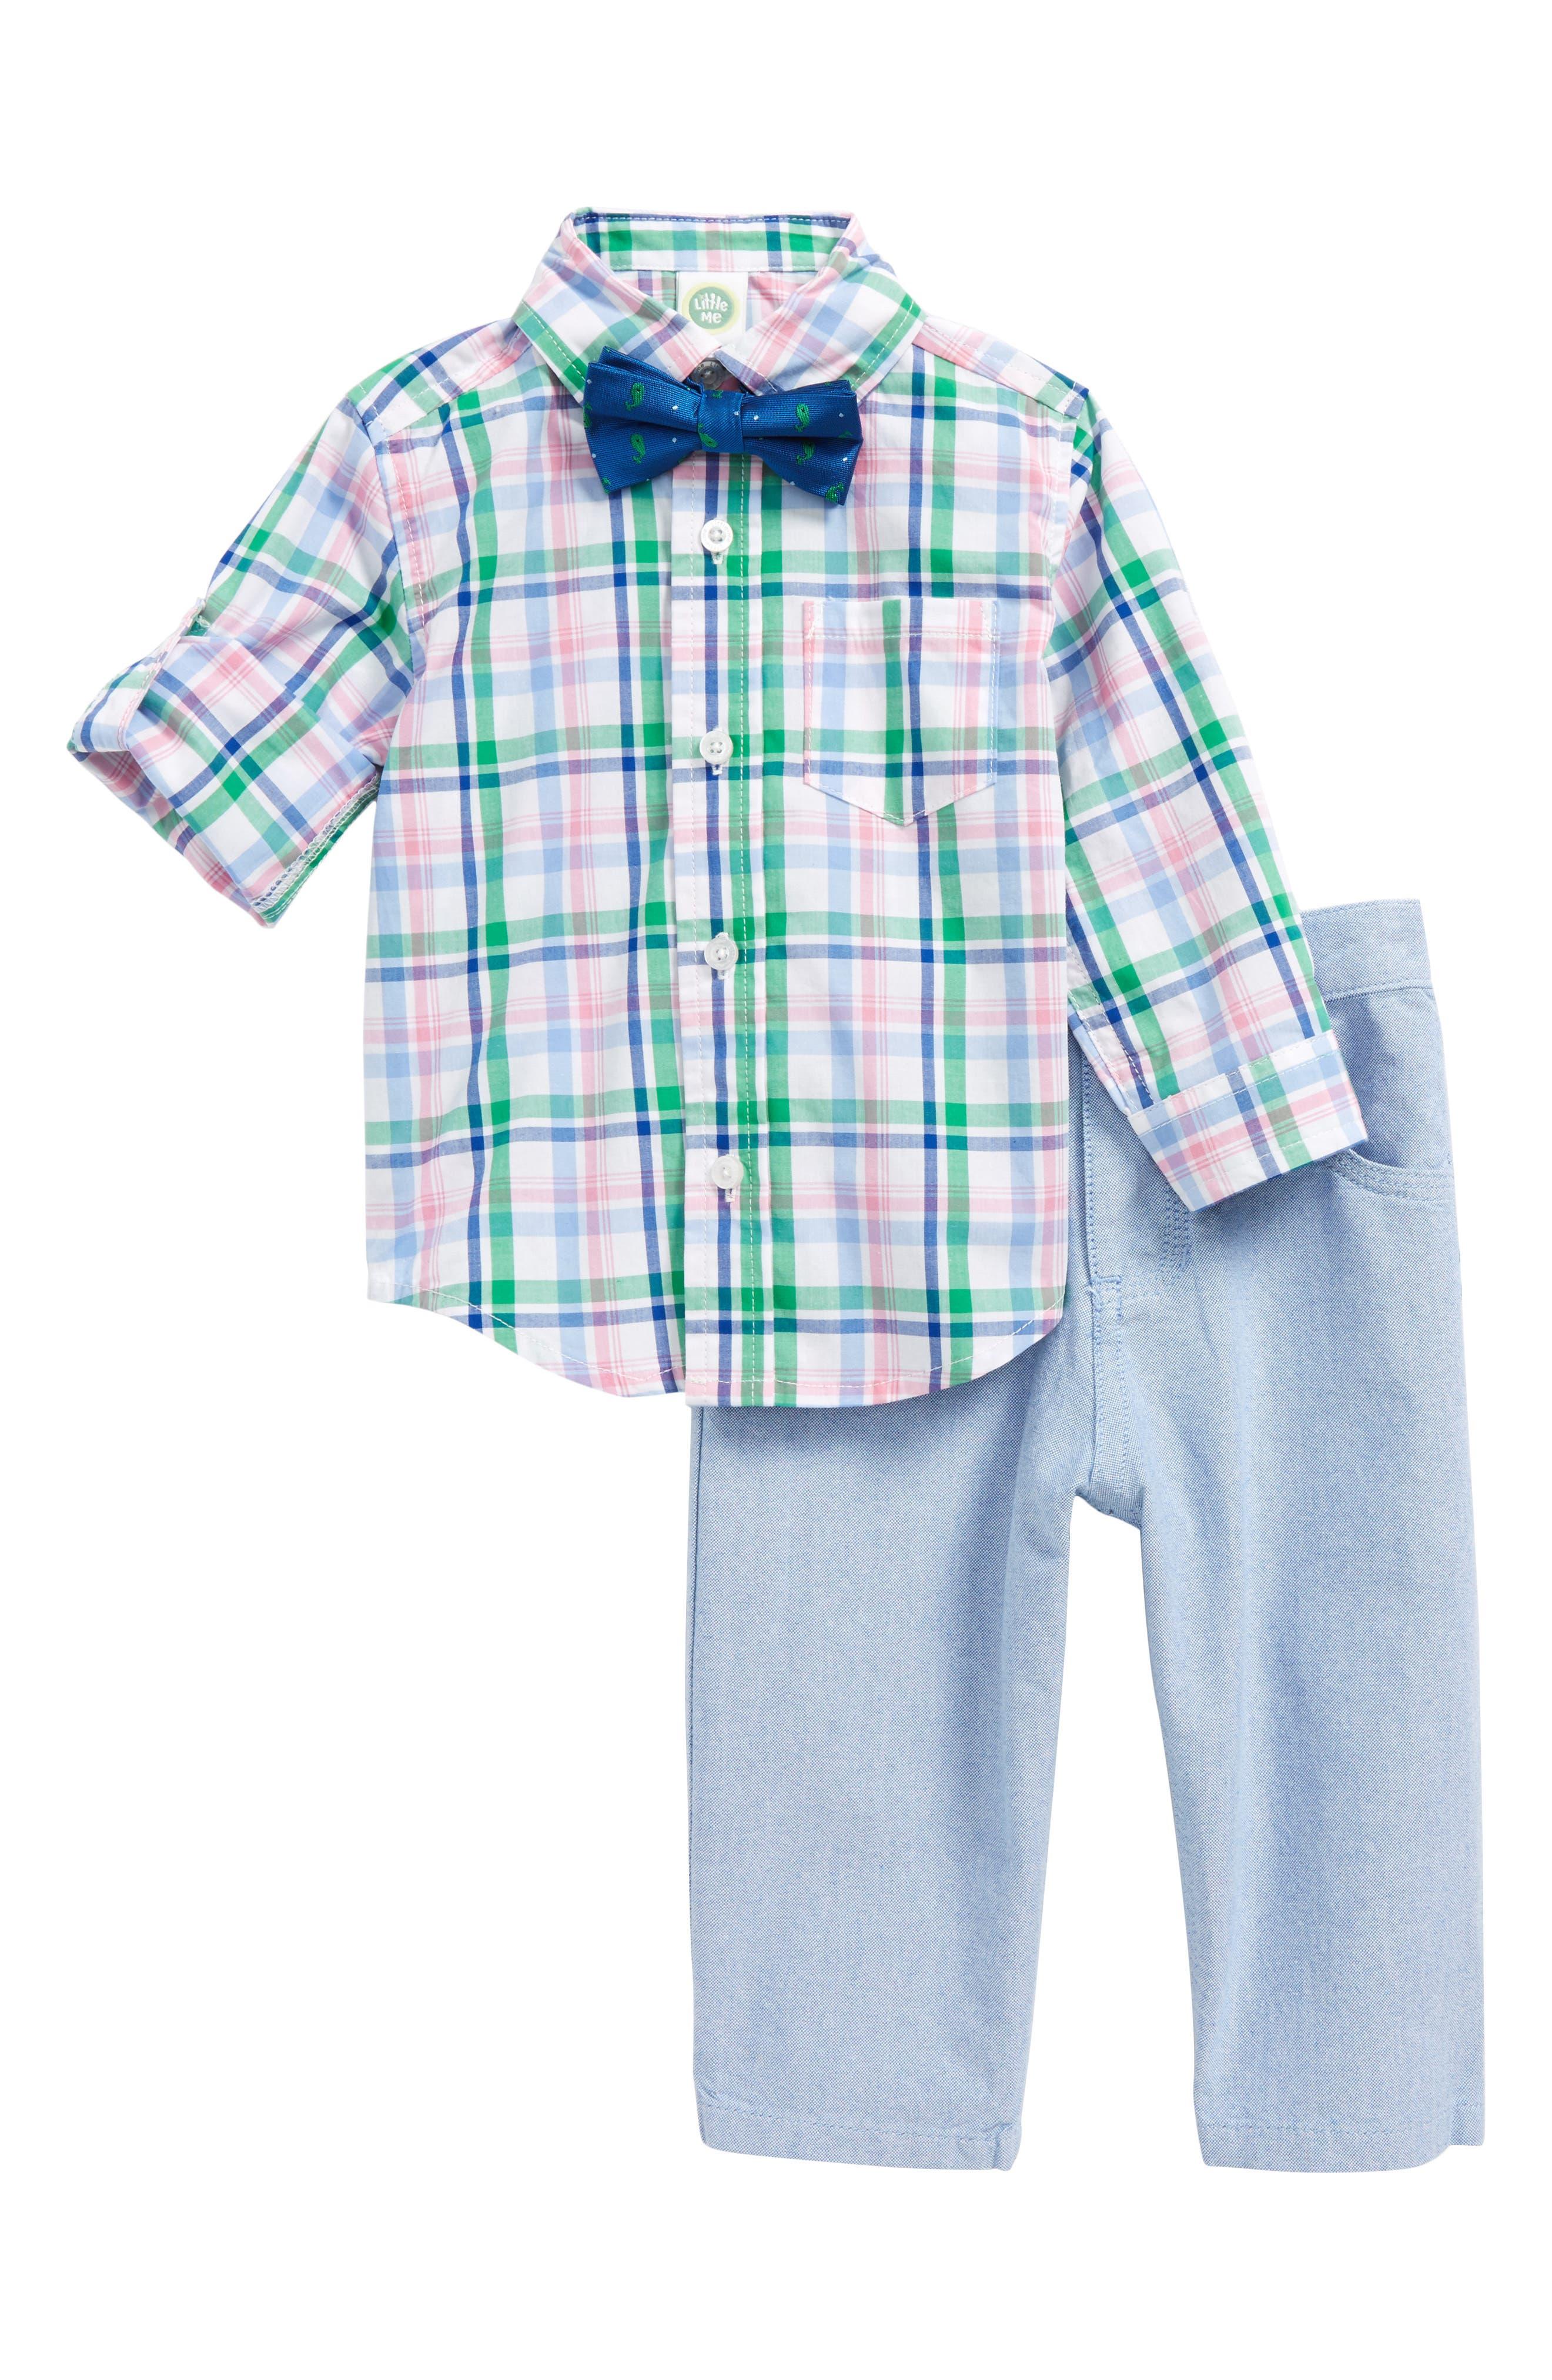 Little Me Plaid Shirt, Pants & Bow Tie Set (Baby Boys)